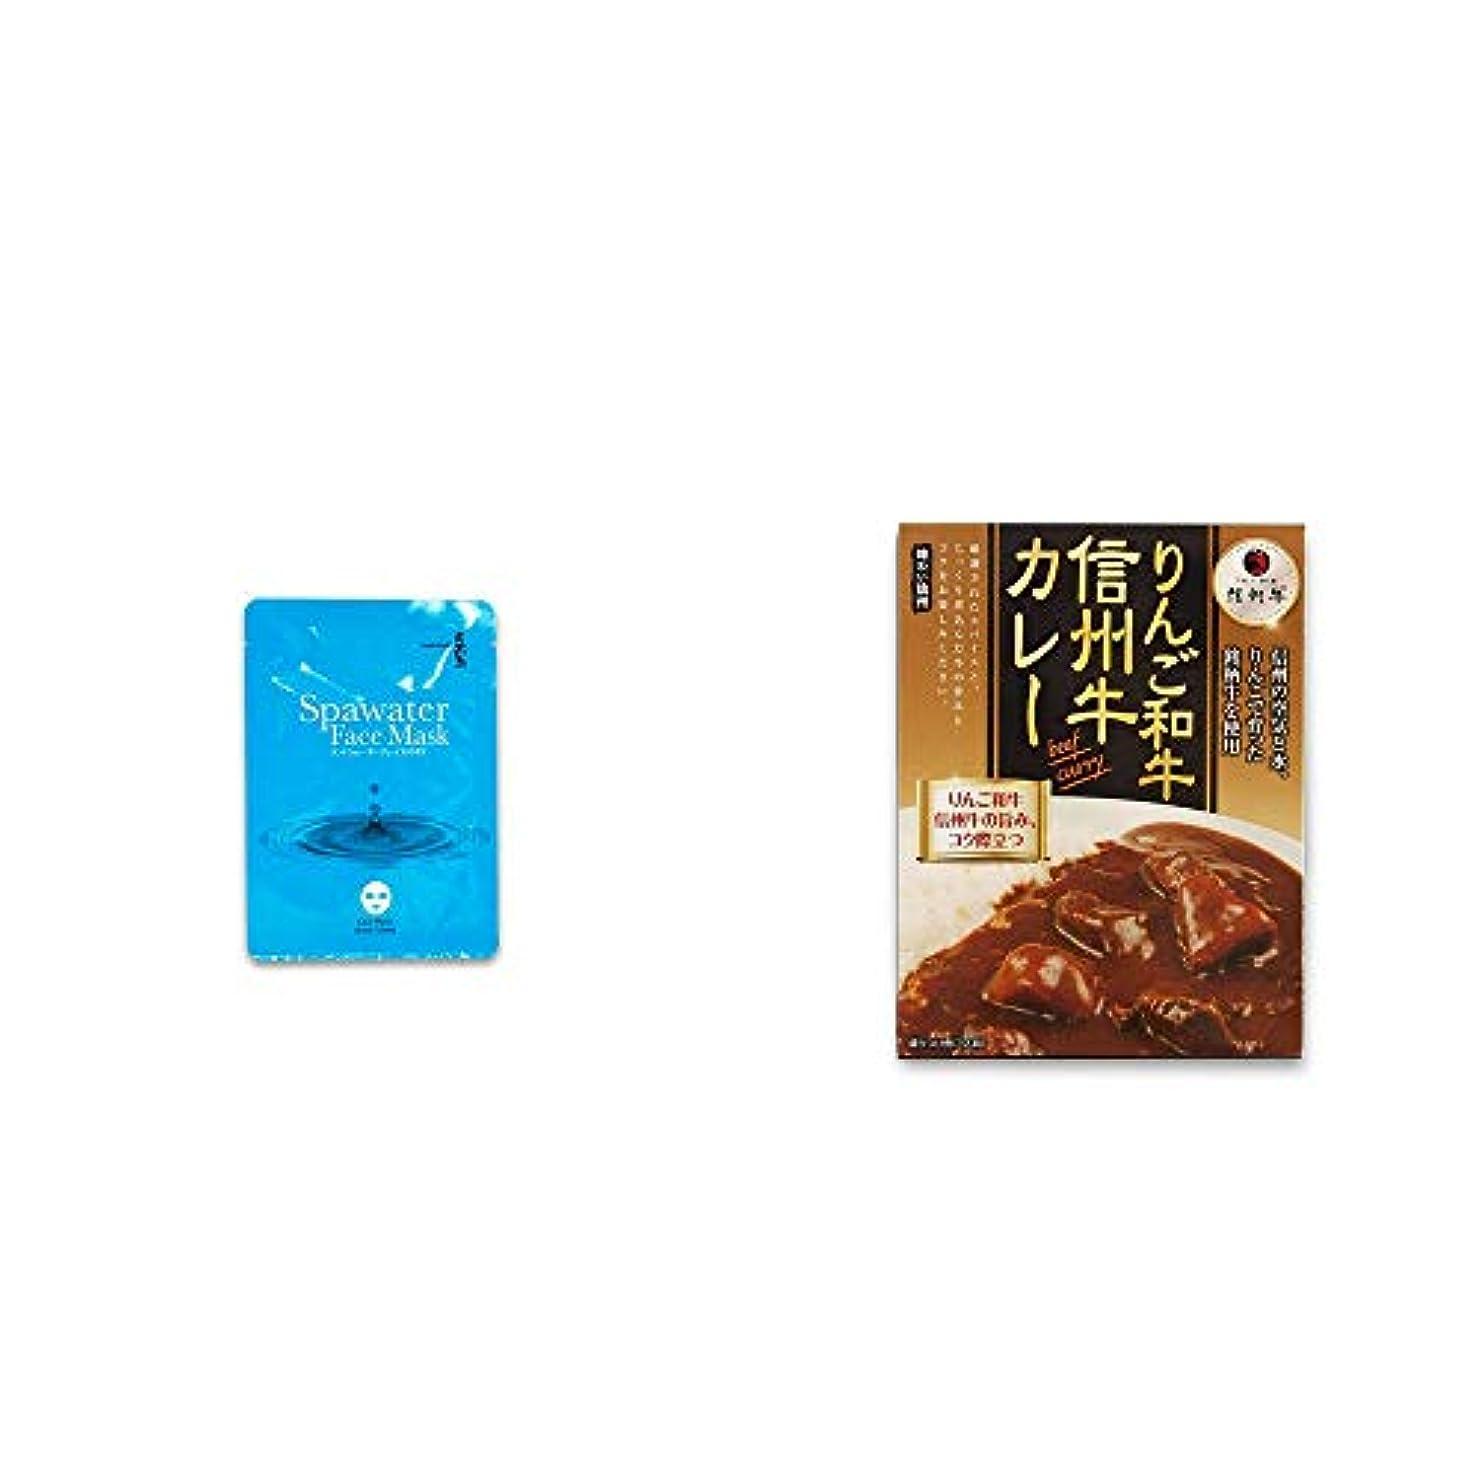 表示講堂波紋[2点セット] ひのき炭黒泉 スパウォーターフェイスマスク(18ml×3枚入)?りんご和牛 信州牛カレー(1食分)